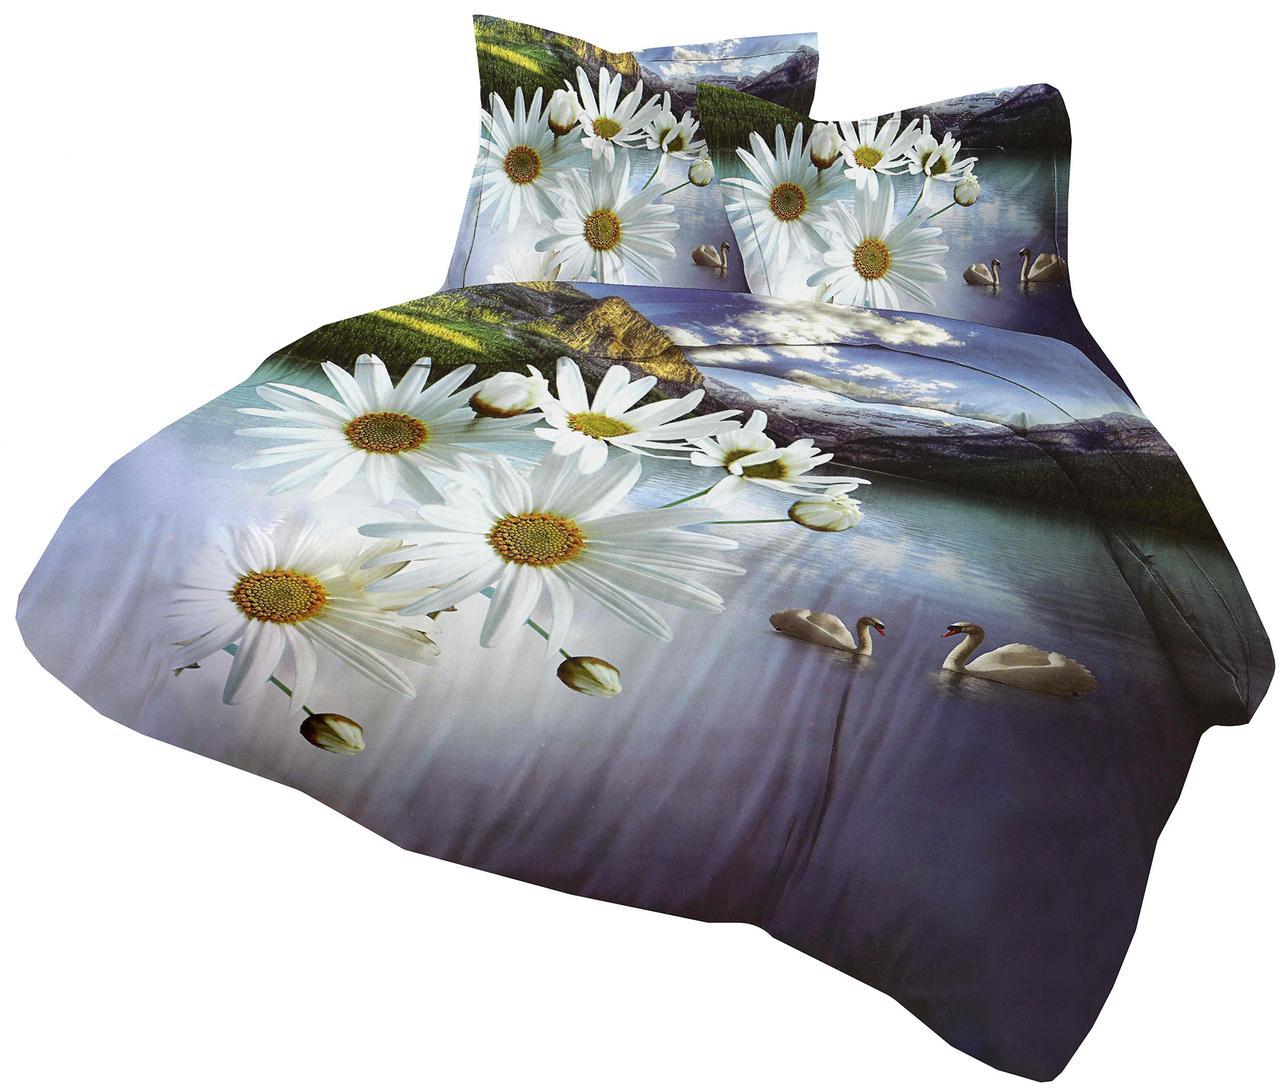 Комплект постельного белья Микроволокно HXDD-595 С цветочным узором M&M 4861 Белый, Синий